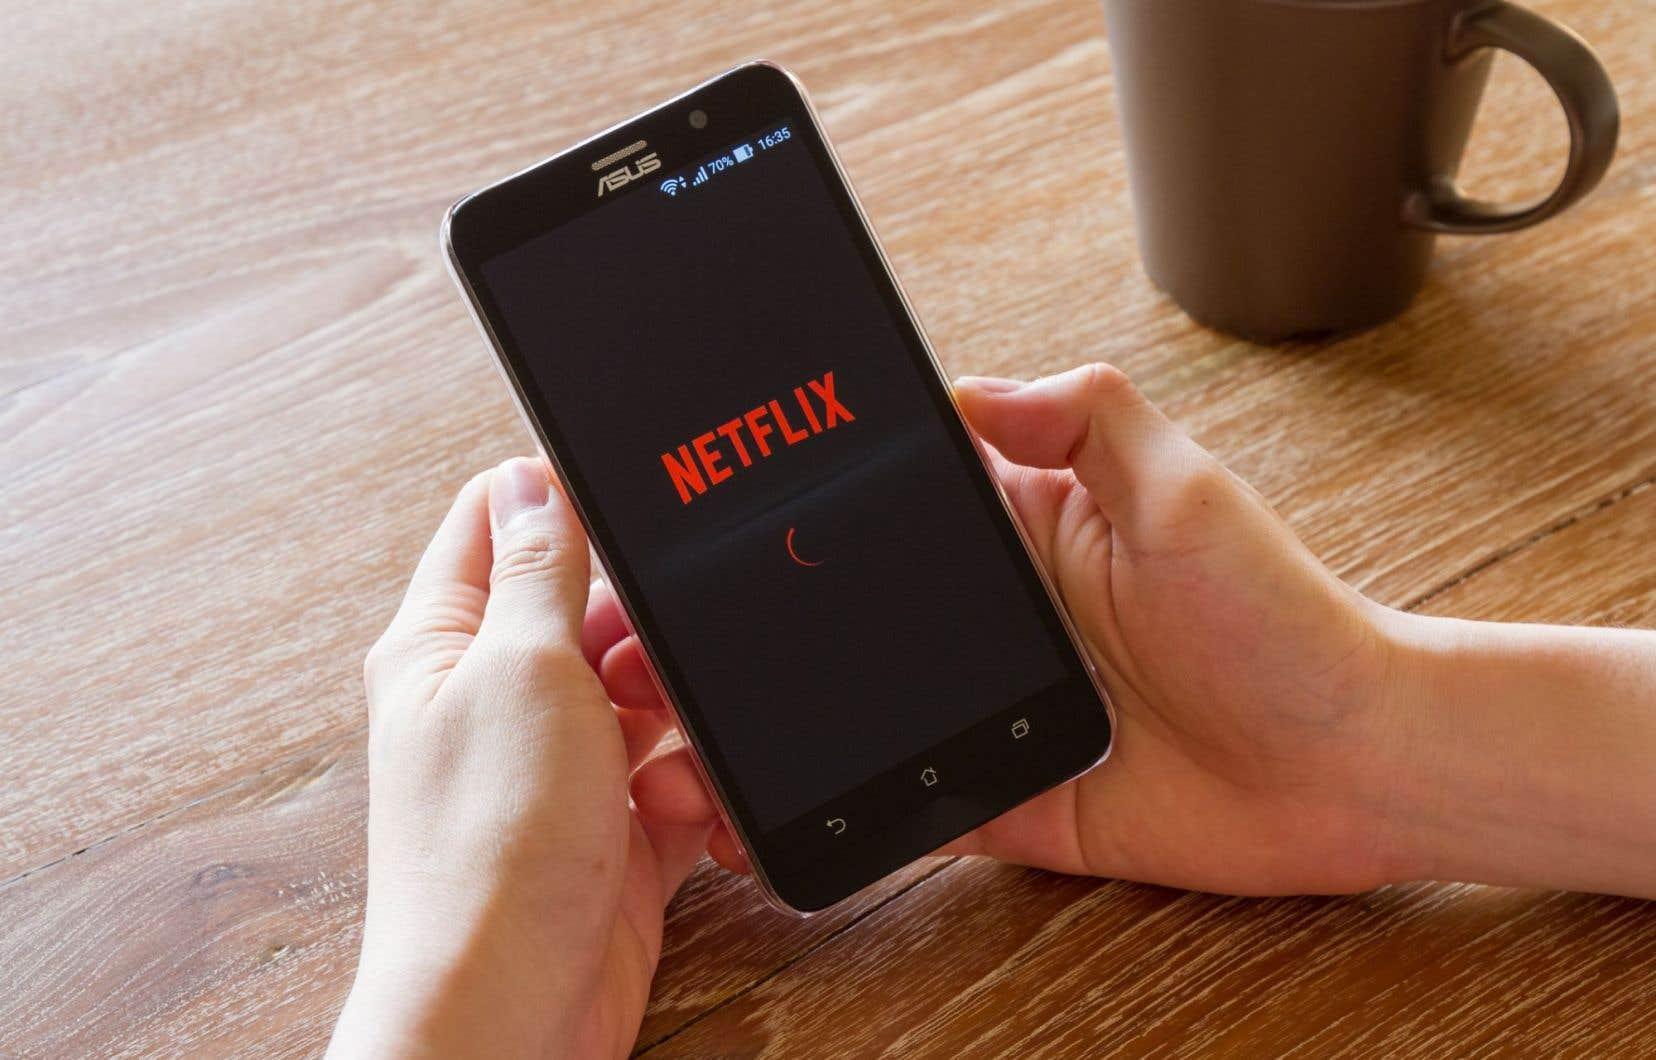 «Netflix devrait être taxé au même titre que Tou.tv ou d'autres distributeurs de contenu culturel», demande l'auteur.